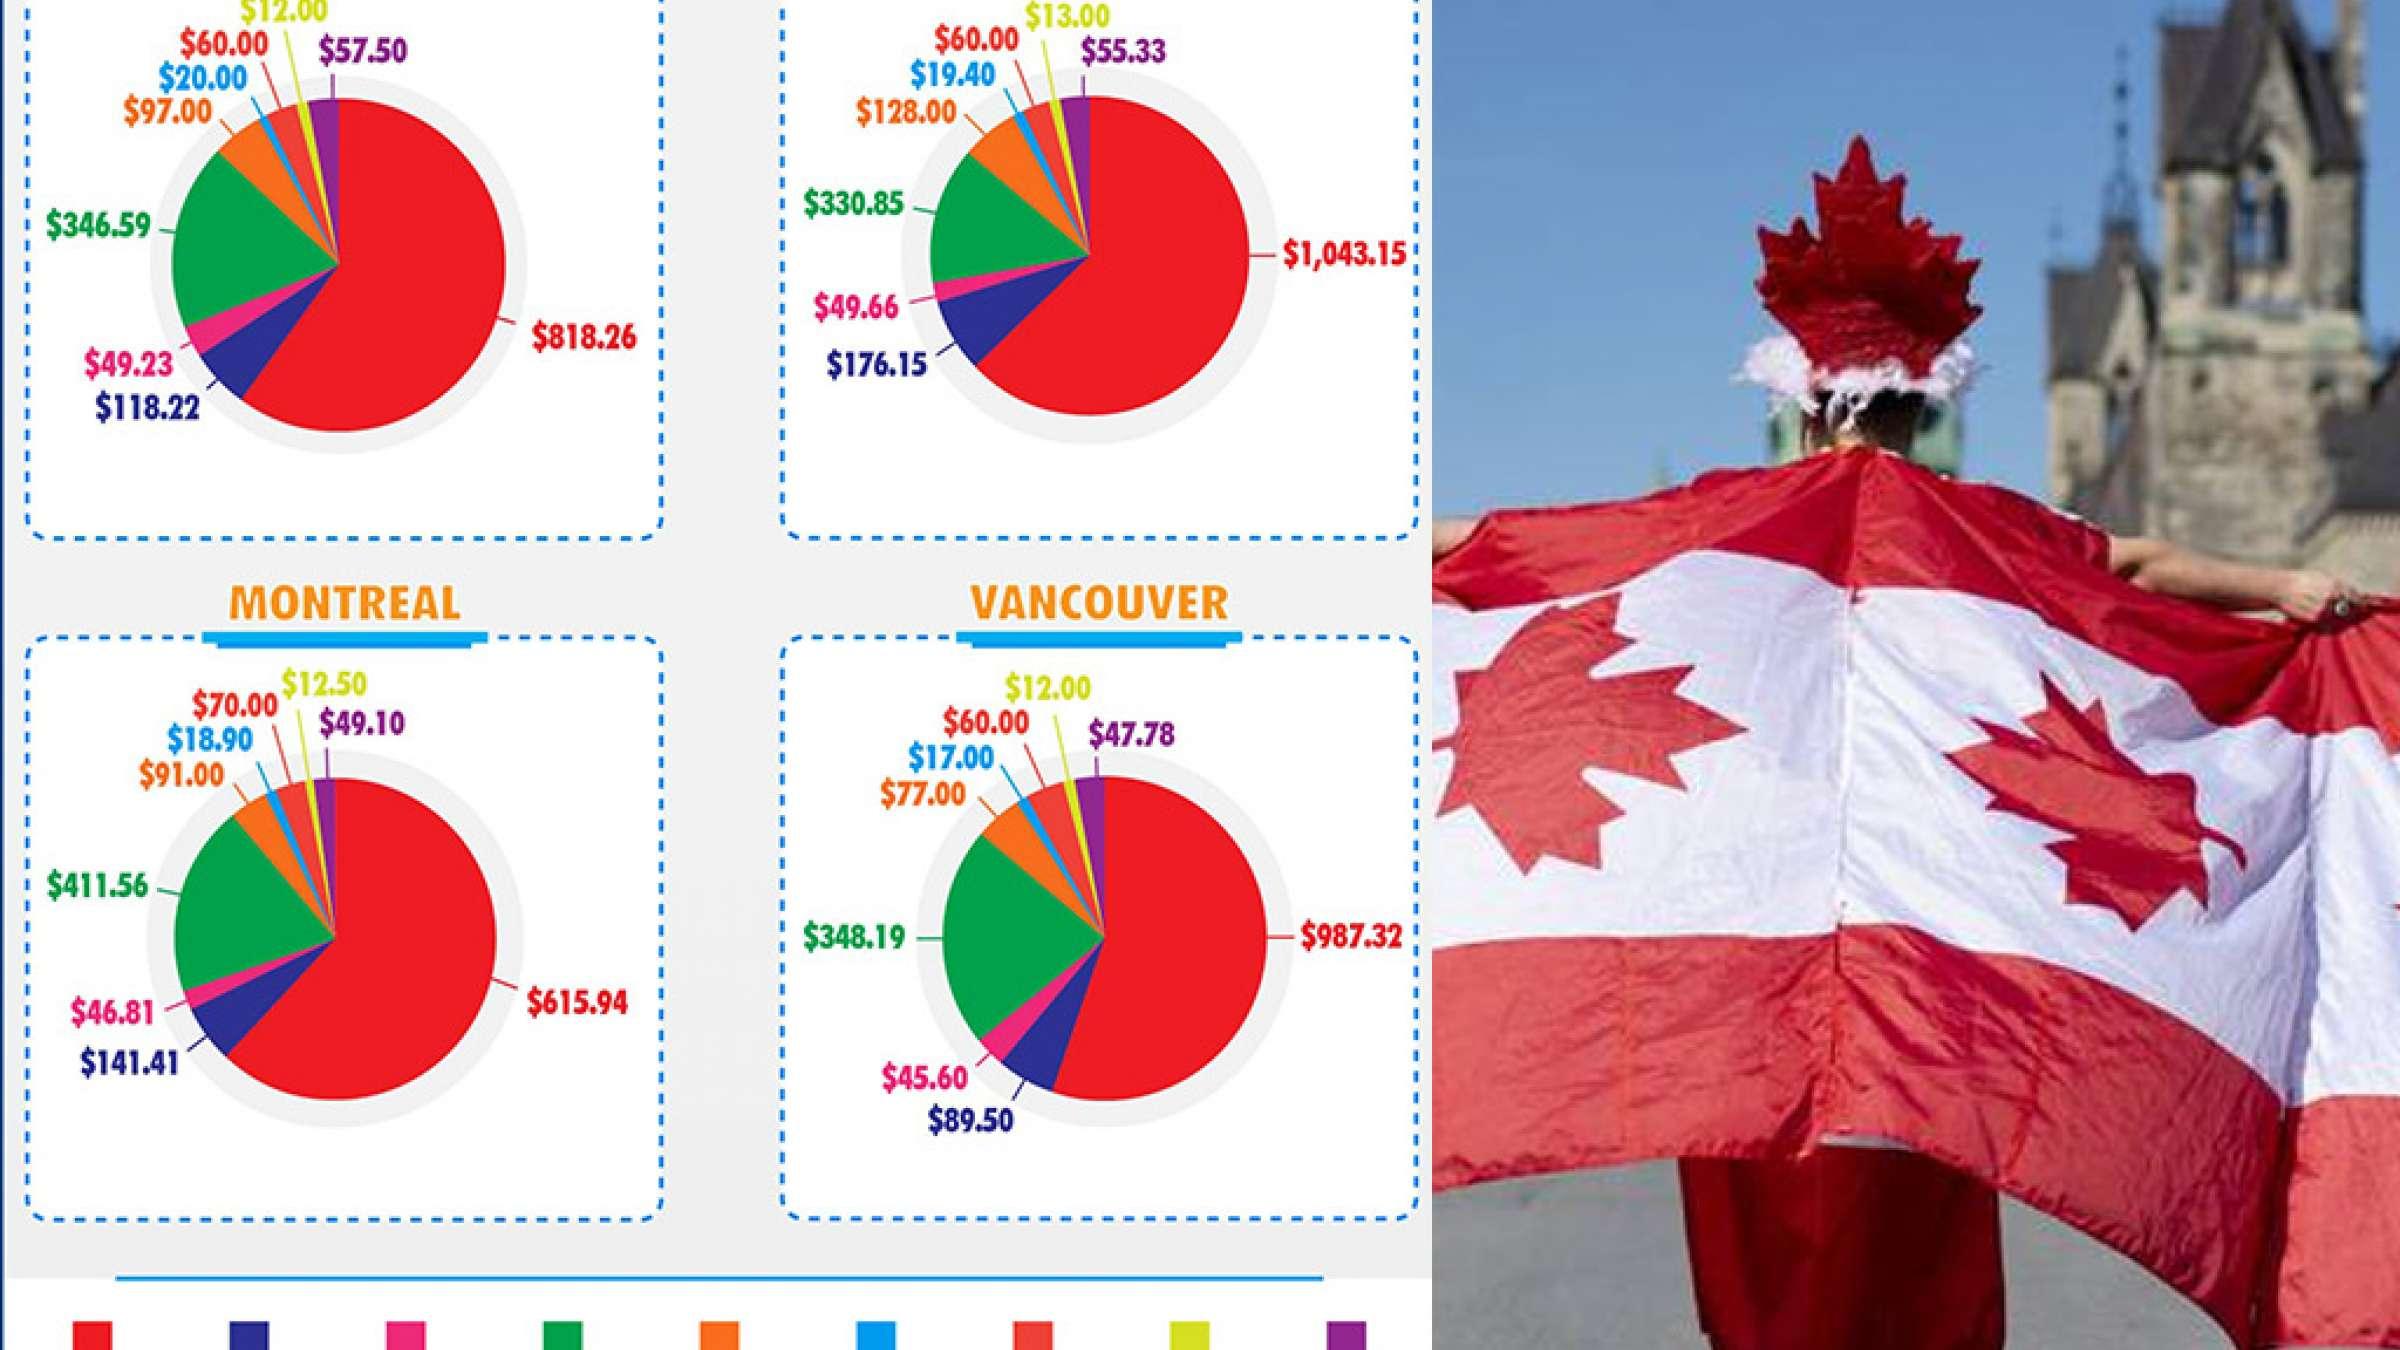 کانادا-آرش-آبادی-دلشورهها-و-دلنگرانیهای-انتخاباتی-مردم